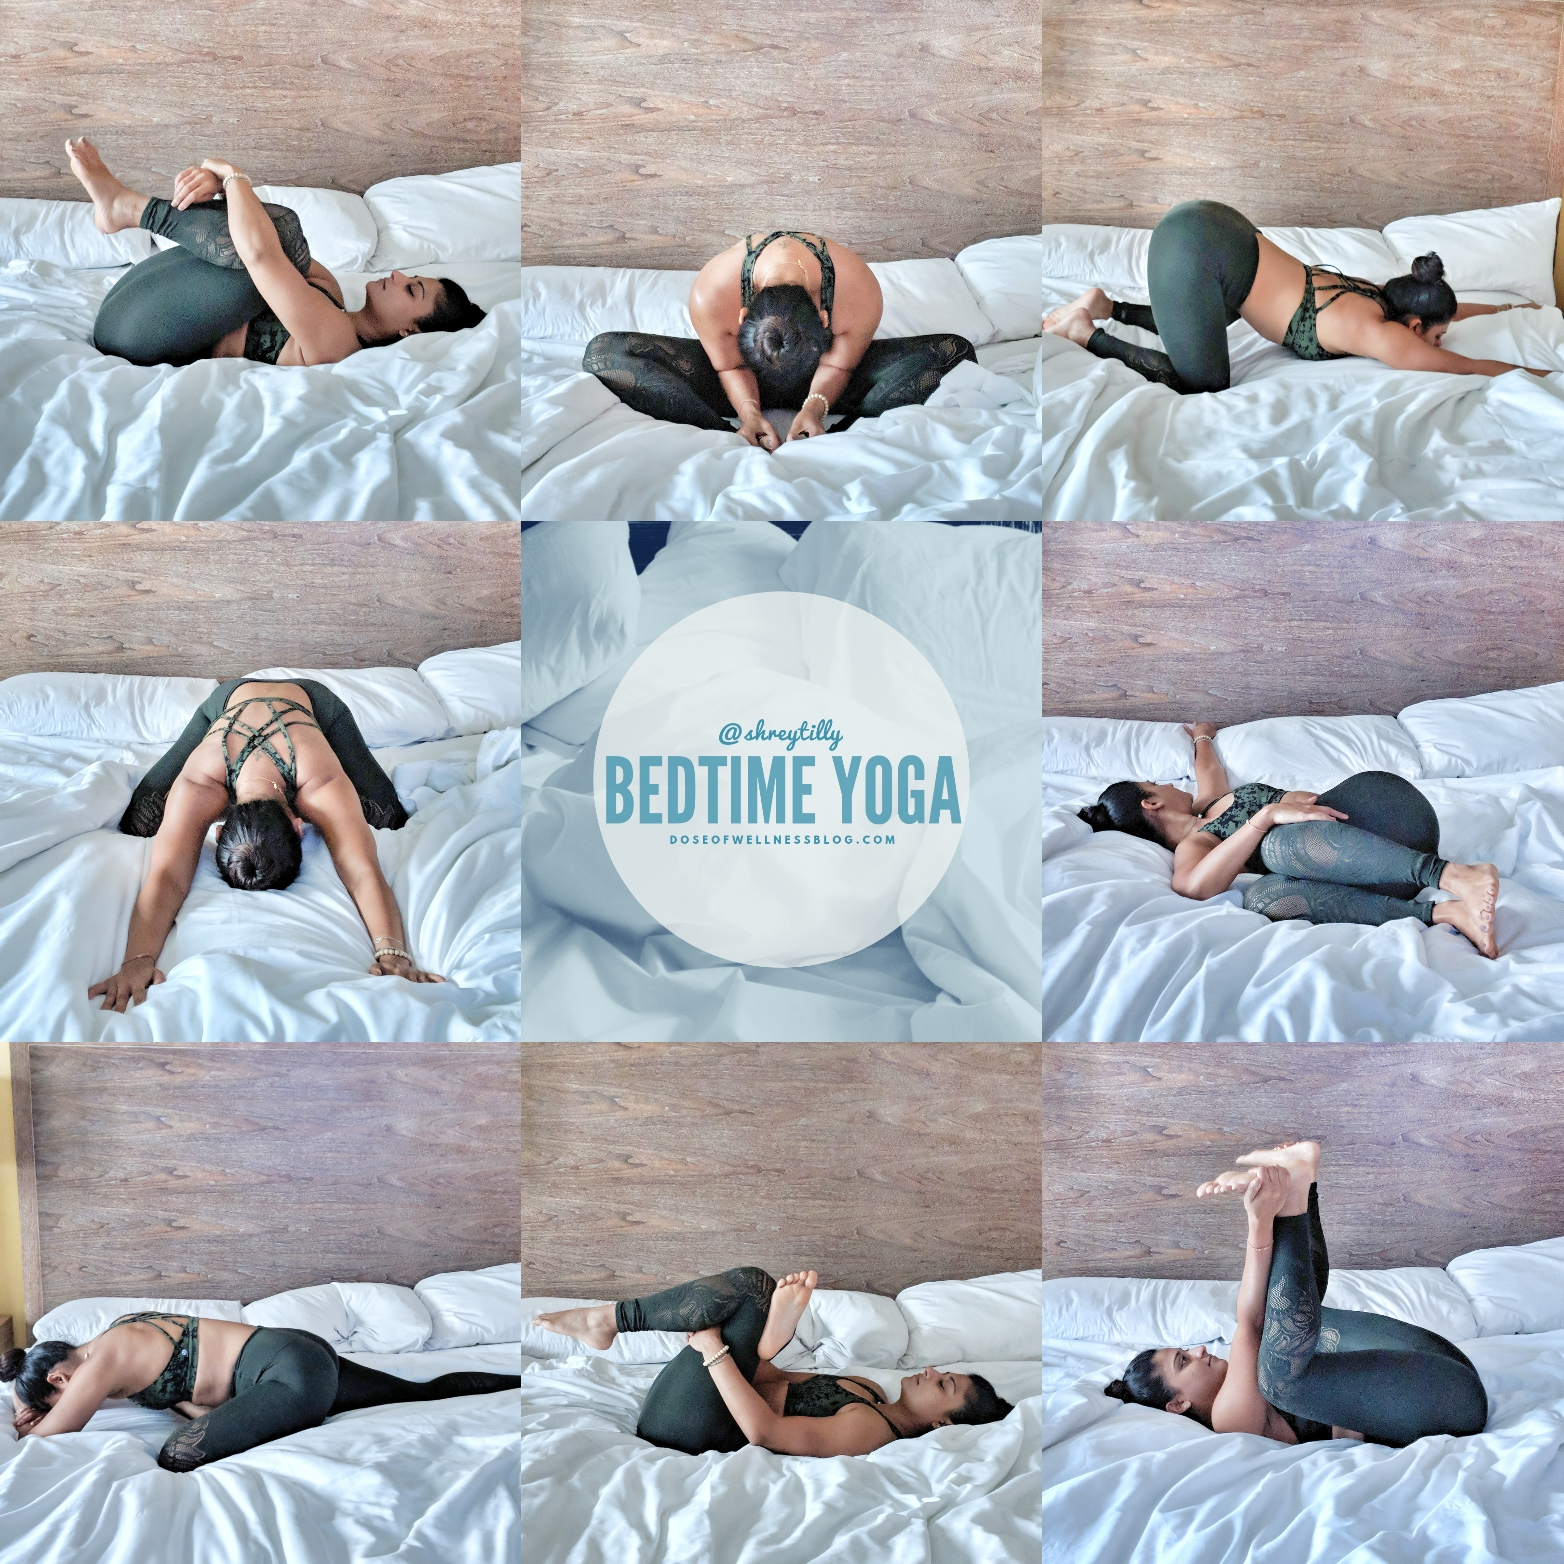 Bedtime Yoga: For Better Sleep » Dose of Wellness